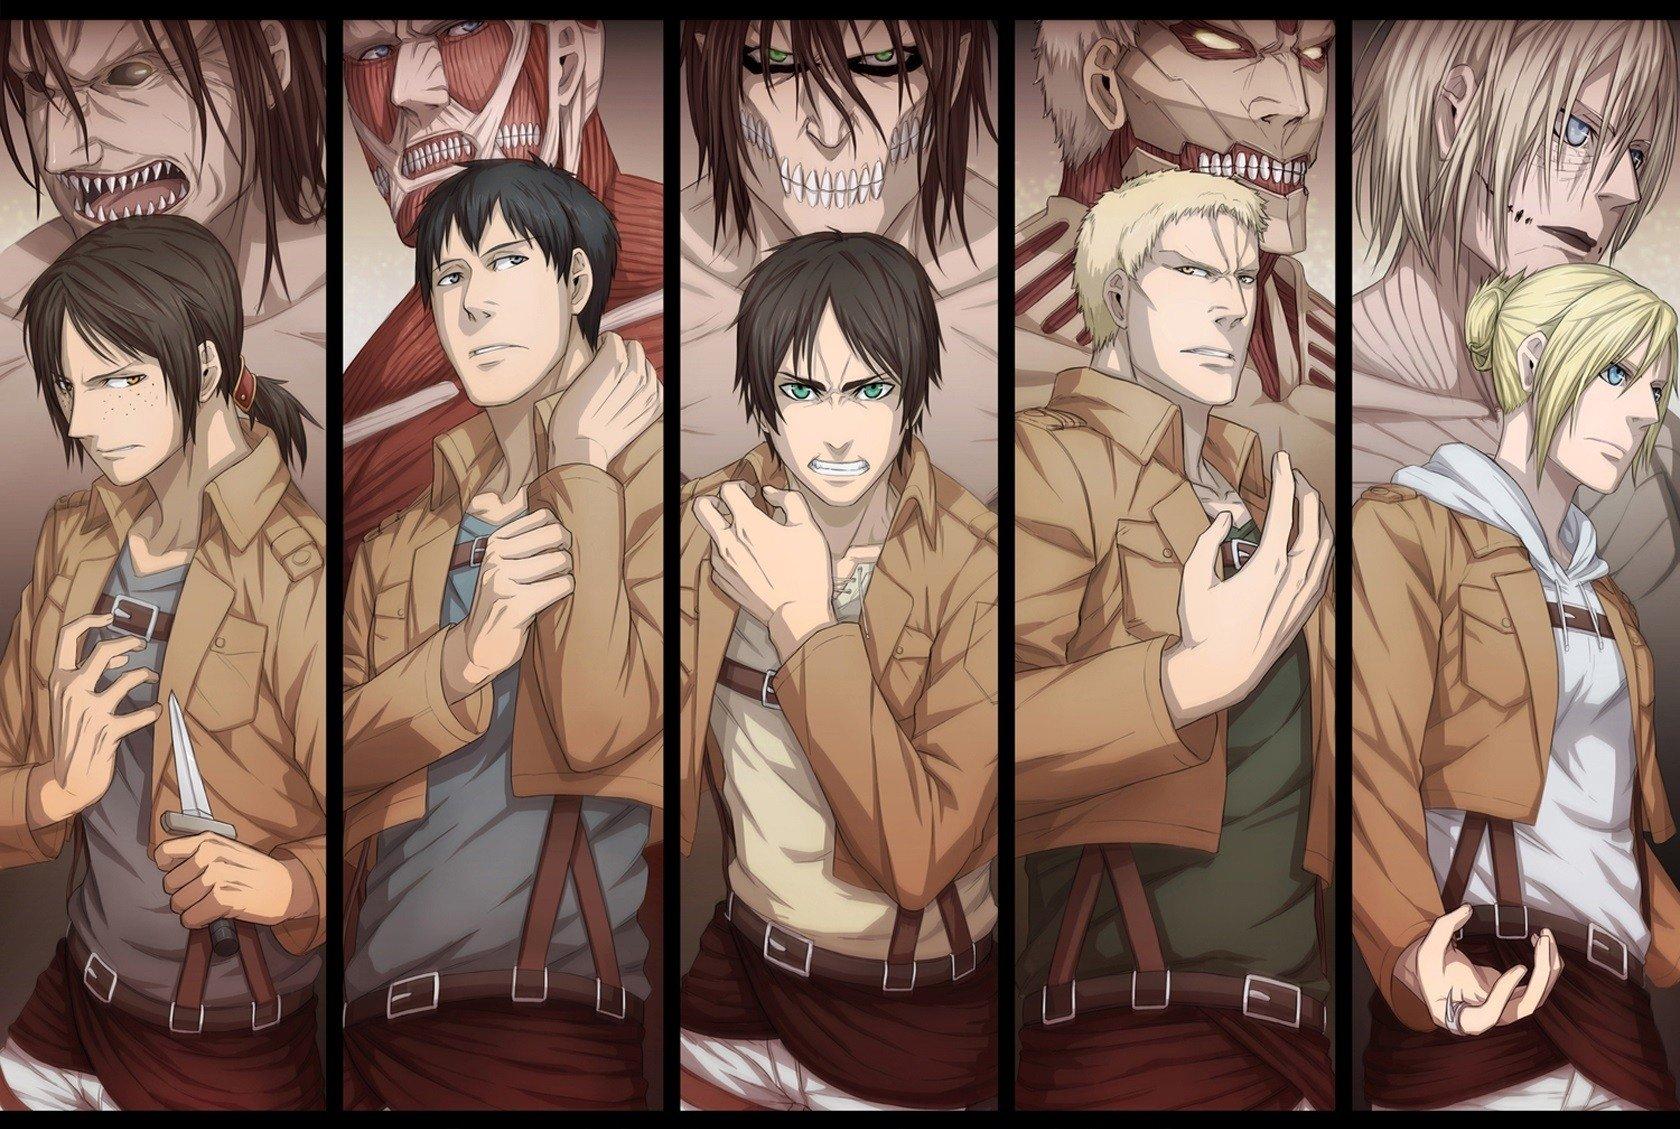 Anime - Attack On Titan  Eren Yeager Annie Leonhart Bertolt Hoover Reiner Braun Ymir (Attack on Titan) Wallpaper